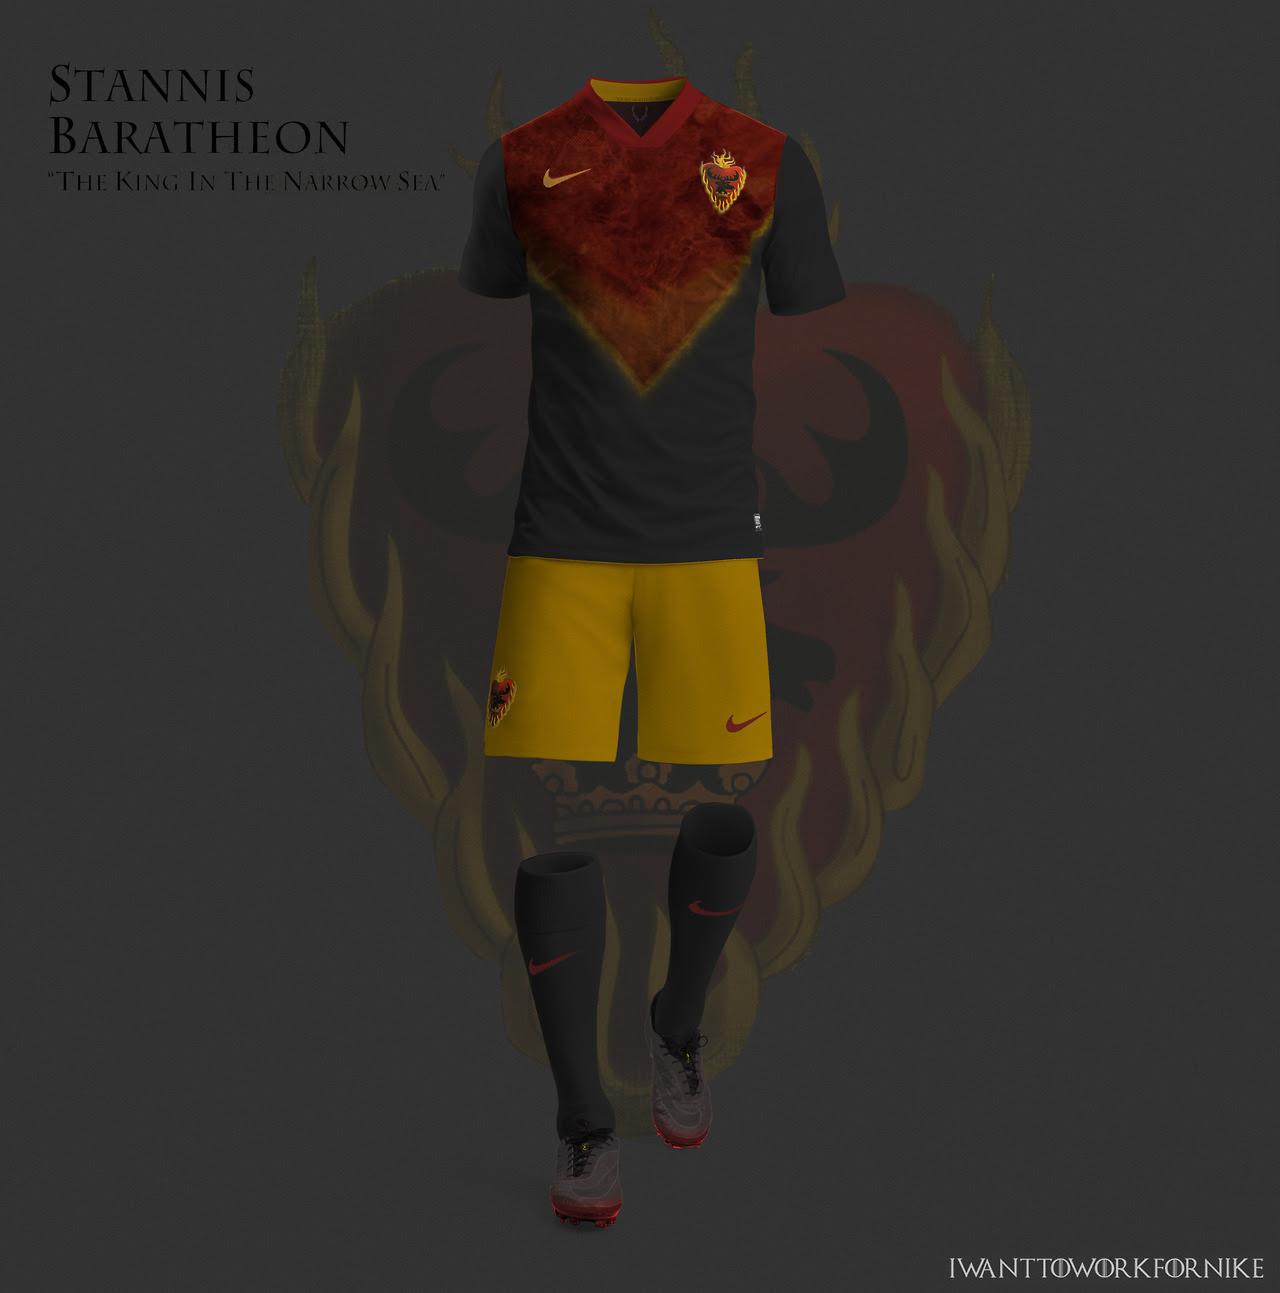 Equipaciones futboleras tipo Juego de Tronos - Stannis Baratheon